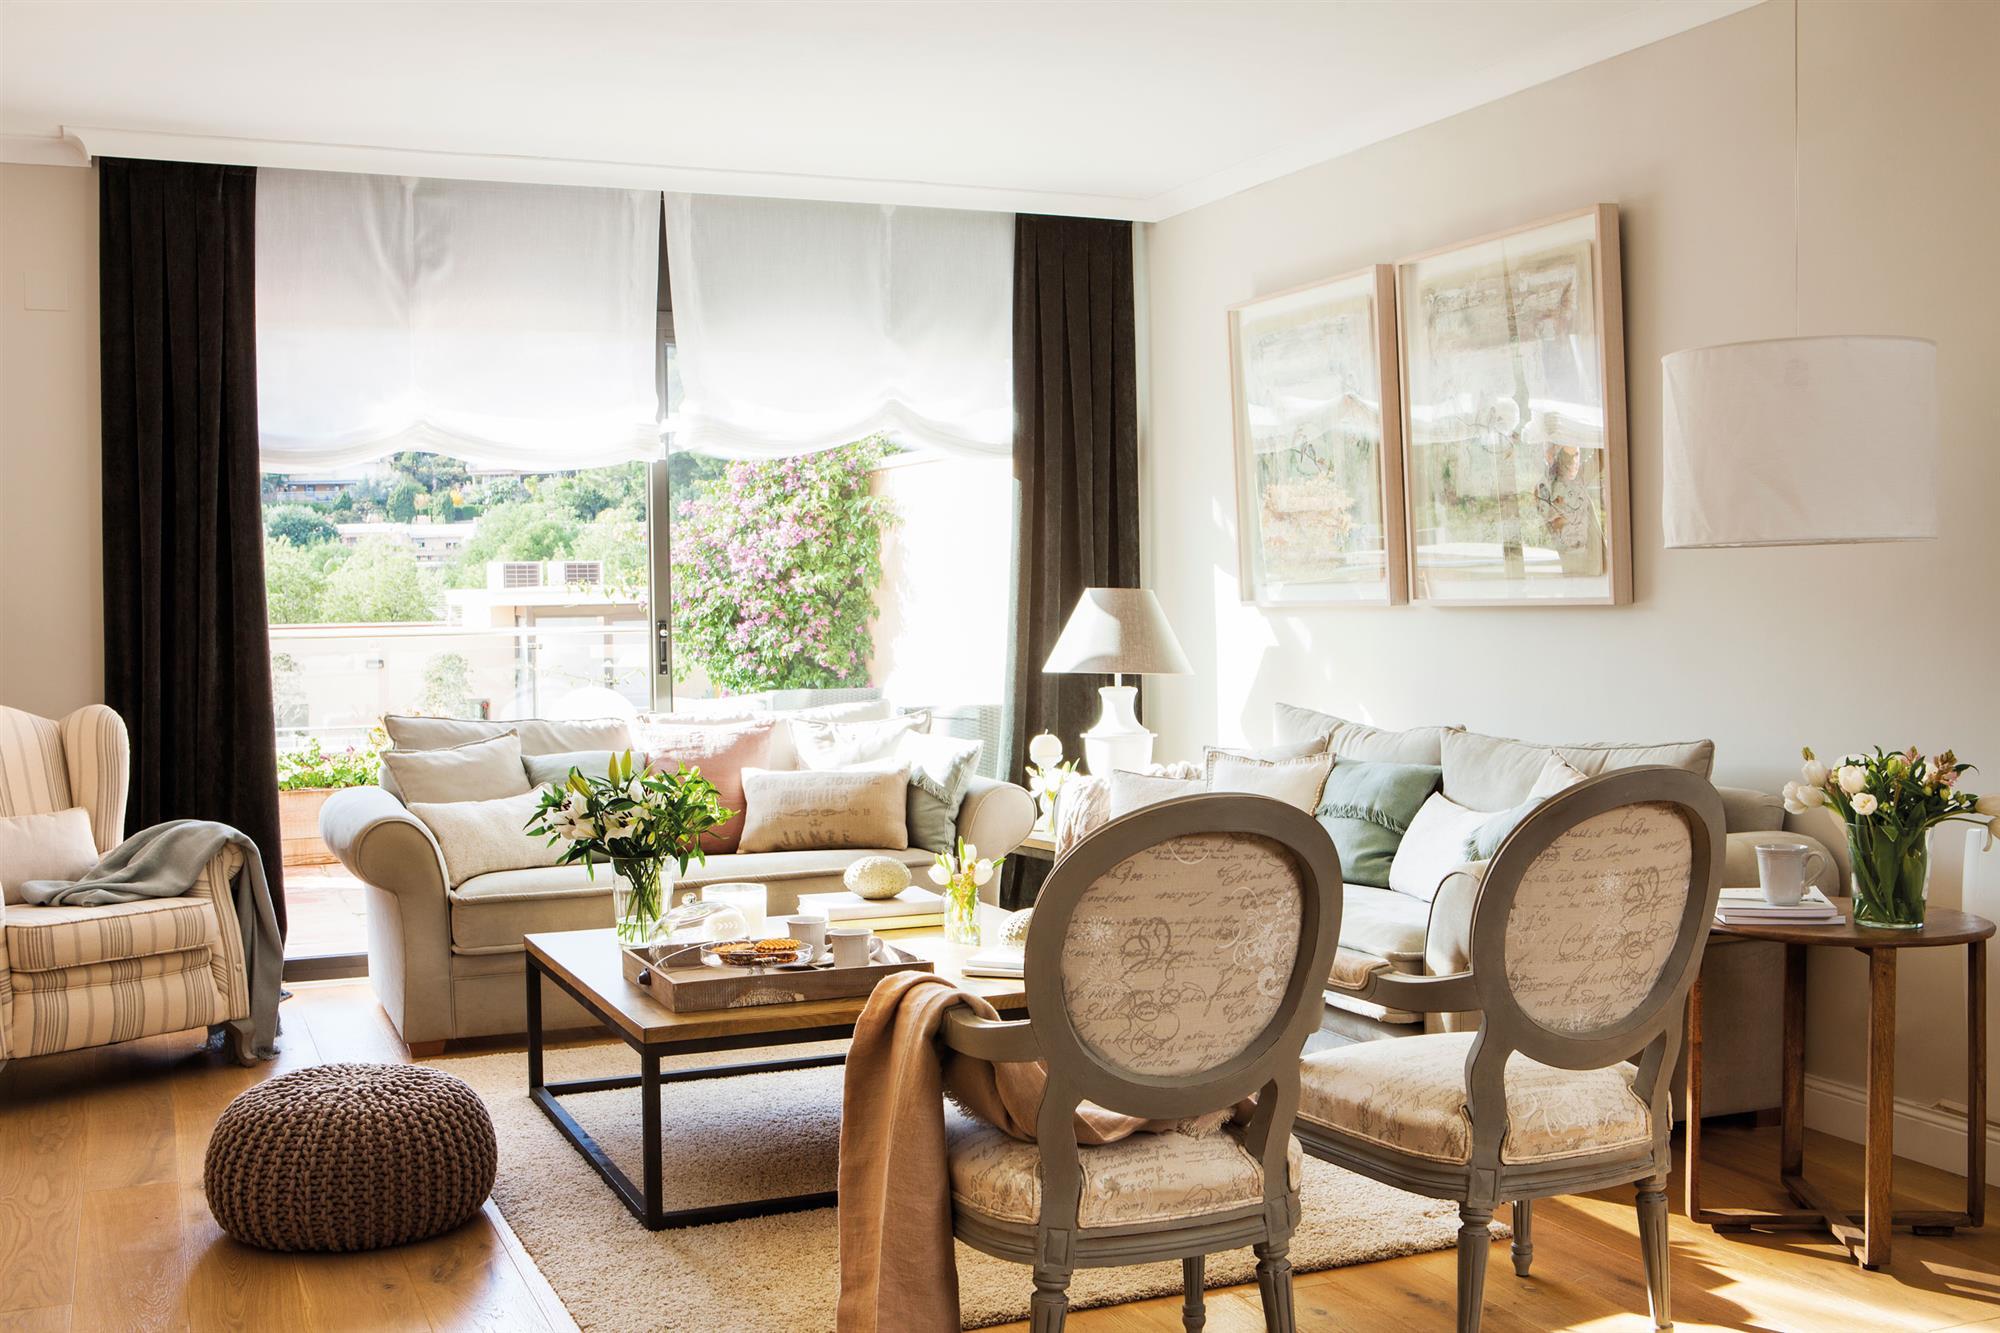 Elige el tejido perfecto para cada cortina - Combinar cortinas y estores ...